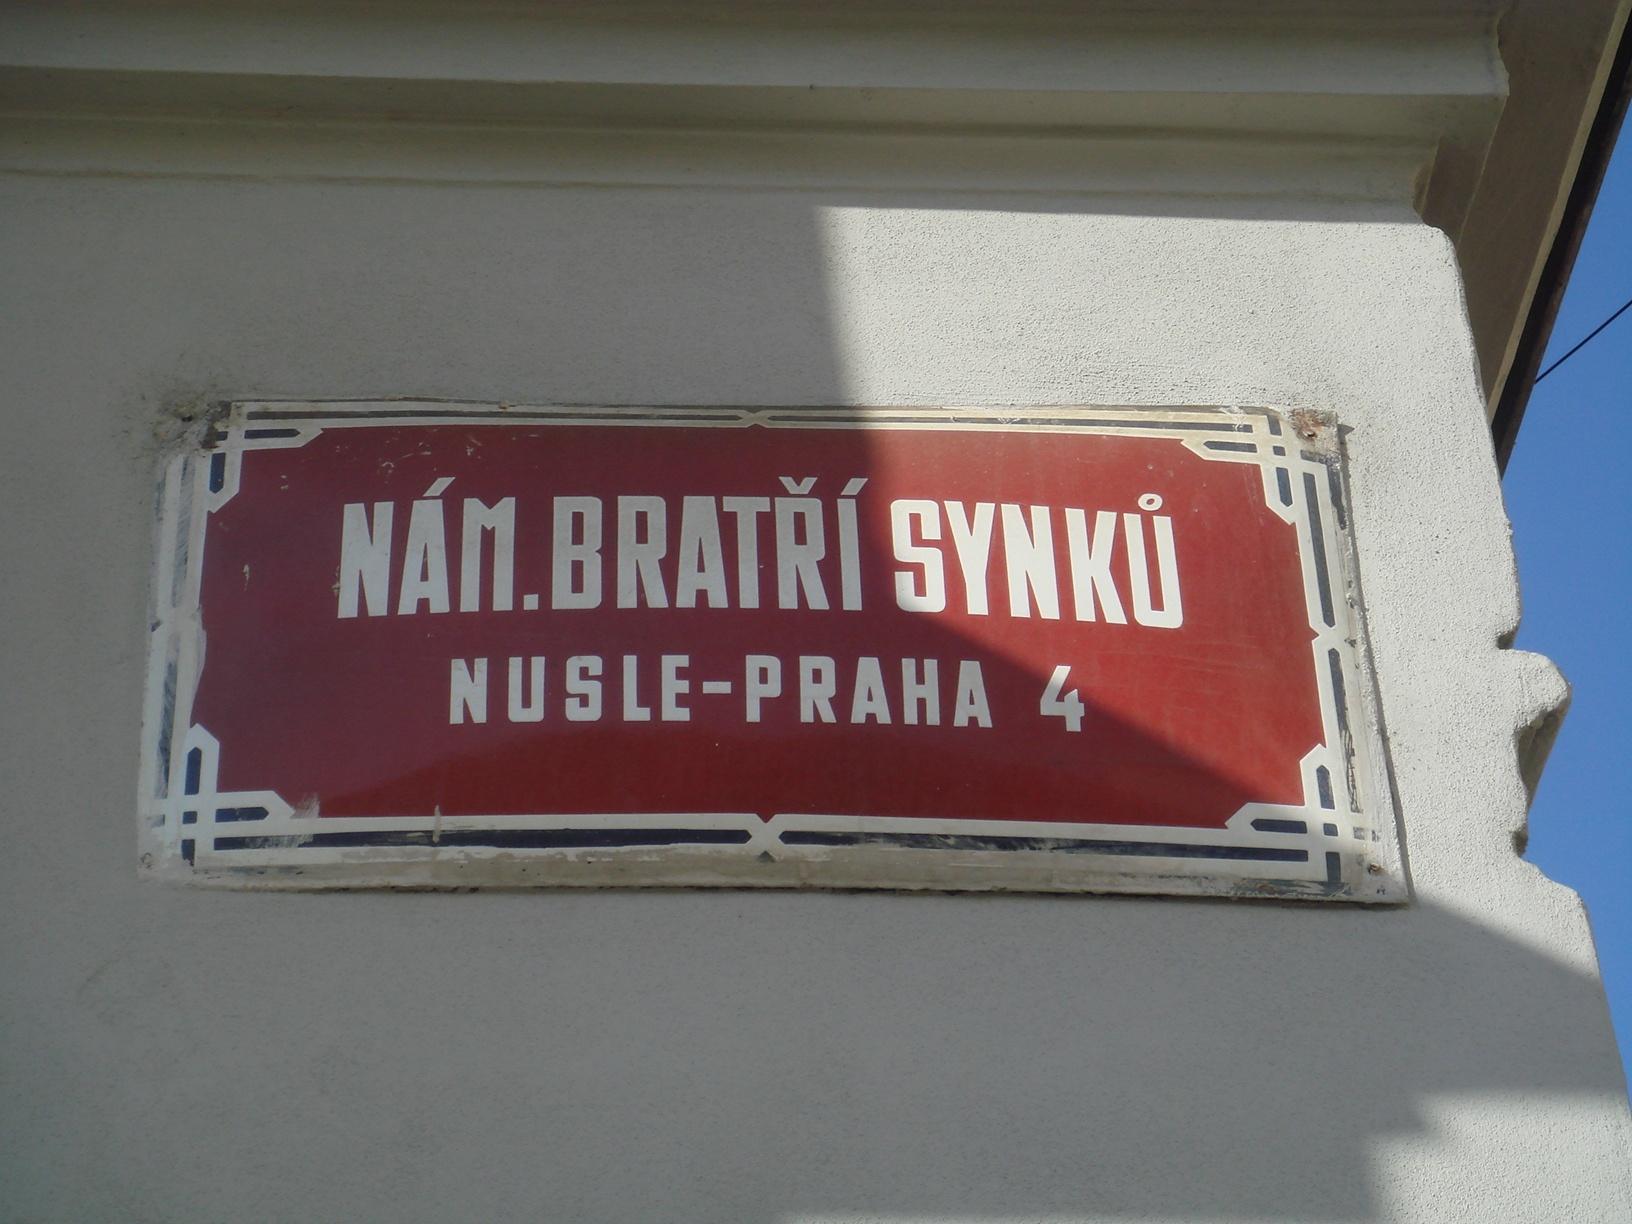 Placa de rua em Praga 4